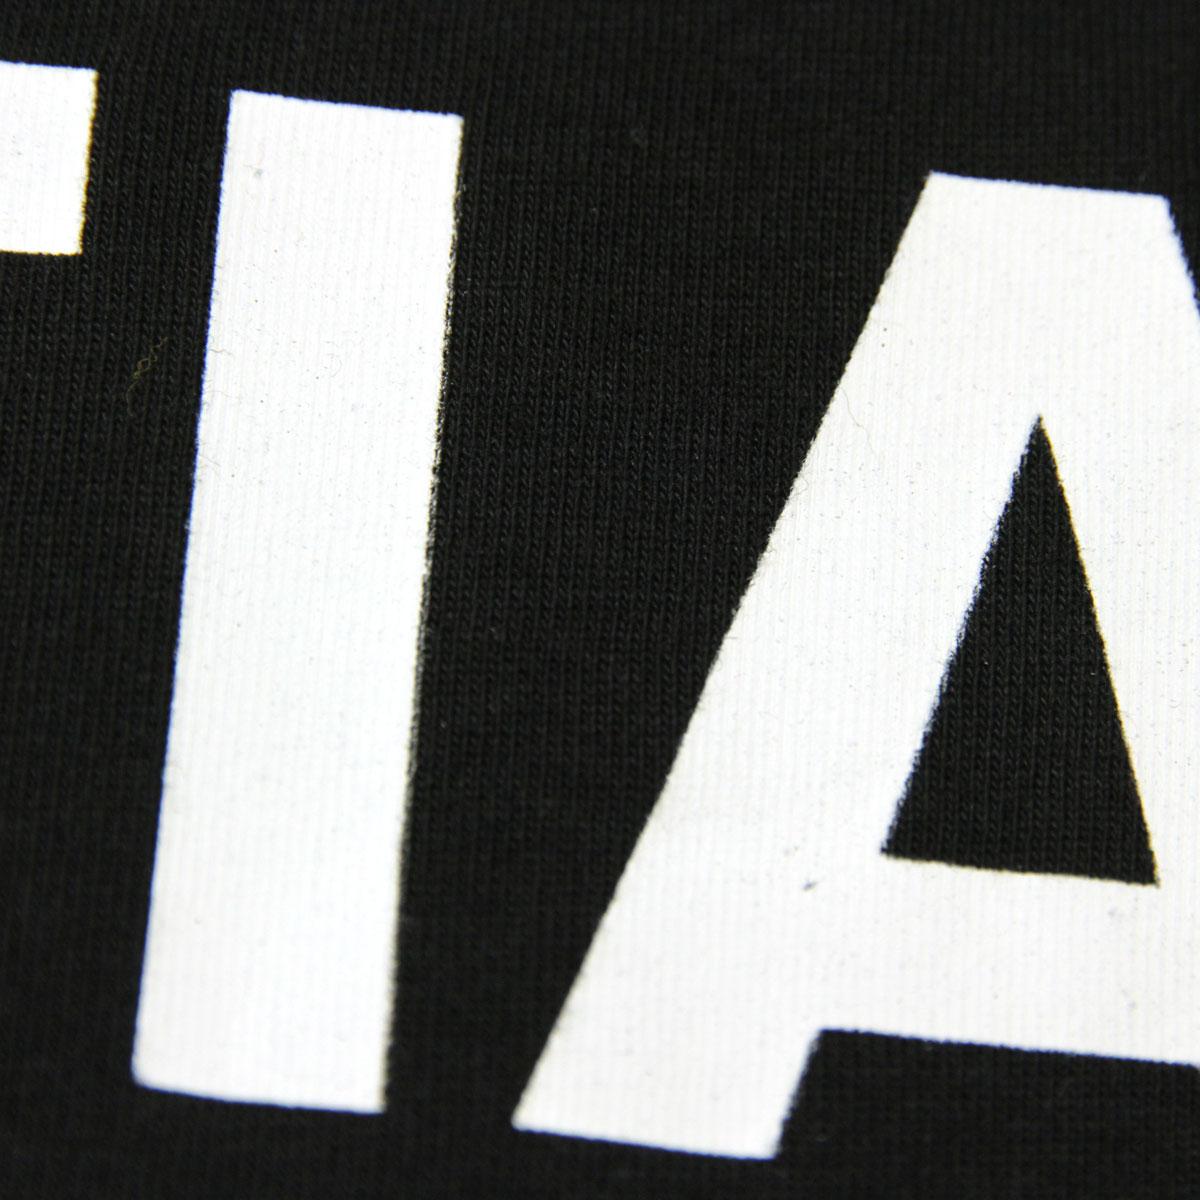 フィアオブゴッド Tシャツ 正規品 FEAR OF GOD 半袖Tシャツ  FOG - FEAR OF GOD ESSENTIALS BOXY GRAPHIC T-SHIRT BLACK AA5B B1C C1D D1E E13F